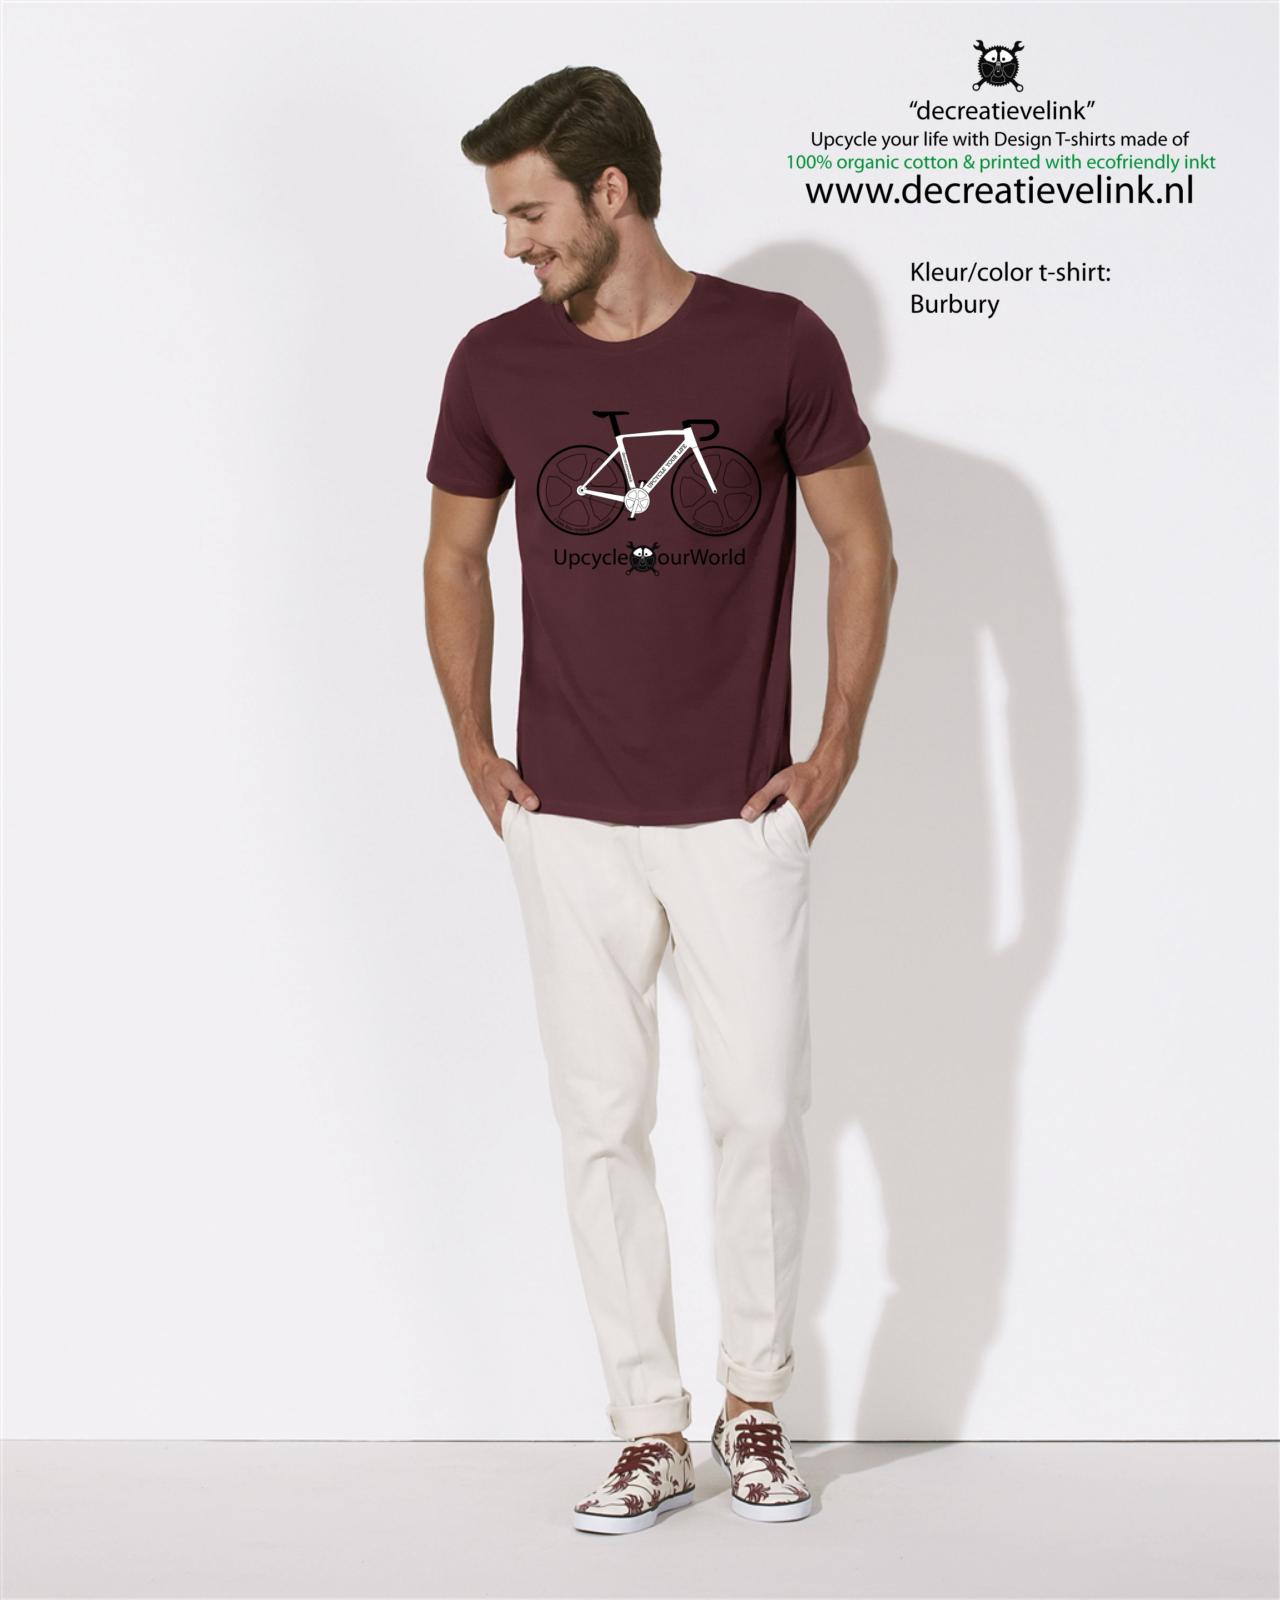 Decreatievelink Fair Wear T-shirt Kleur Burgundy